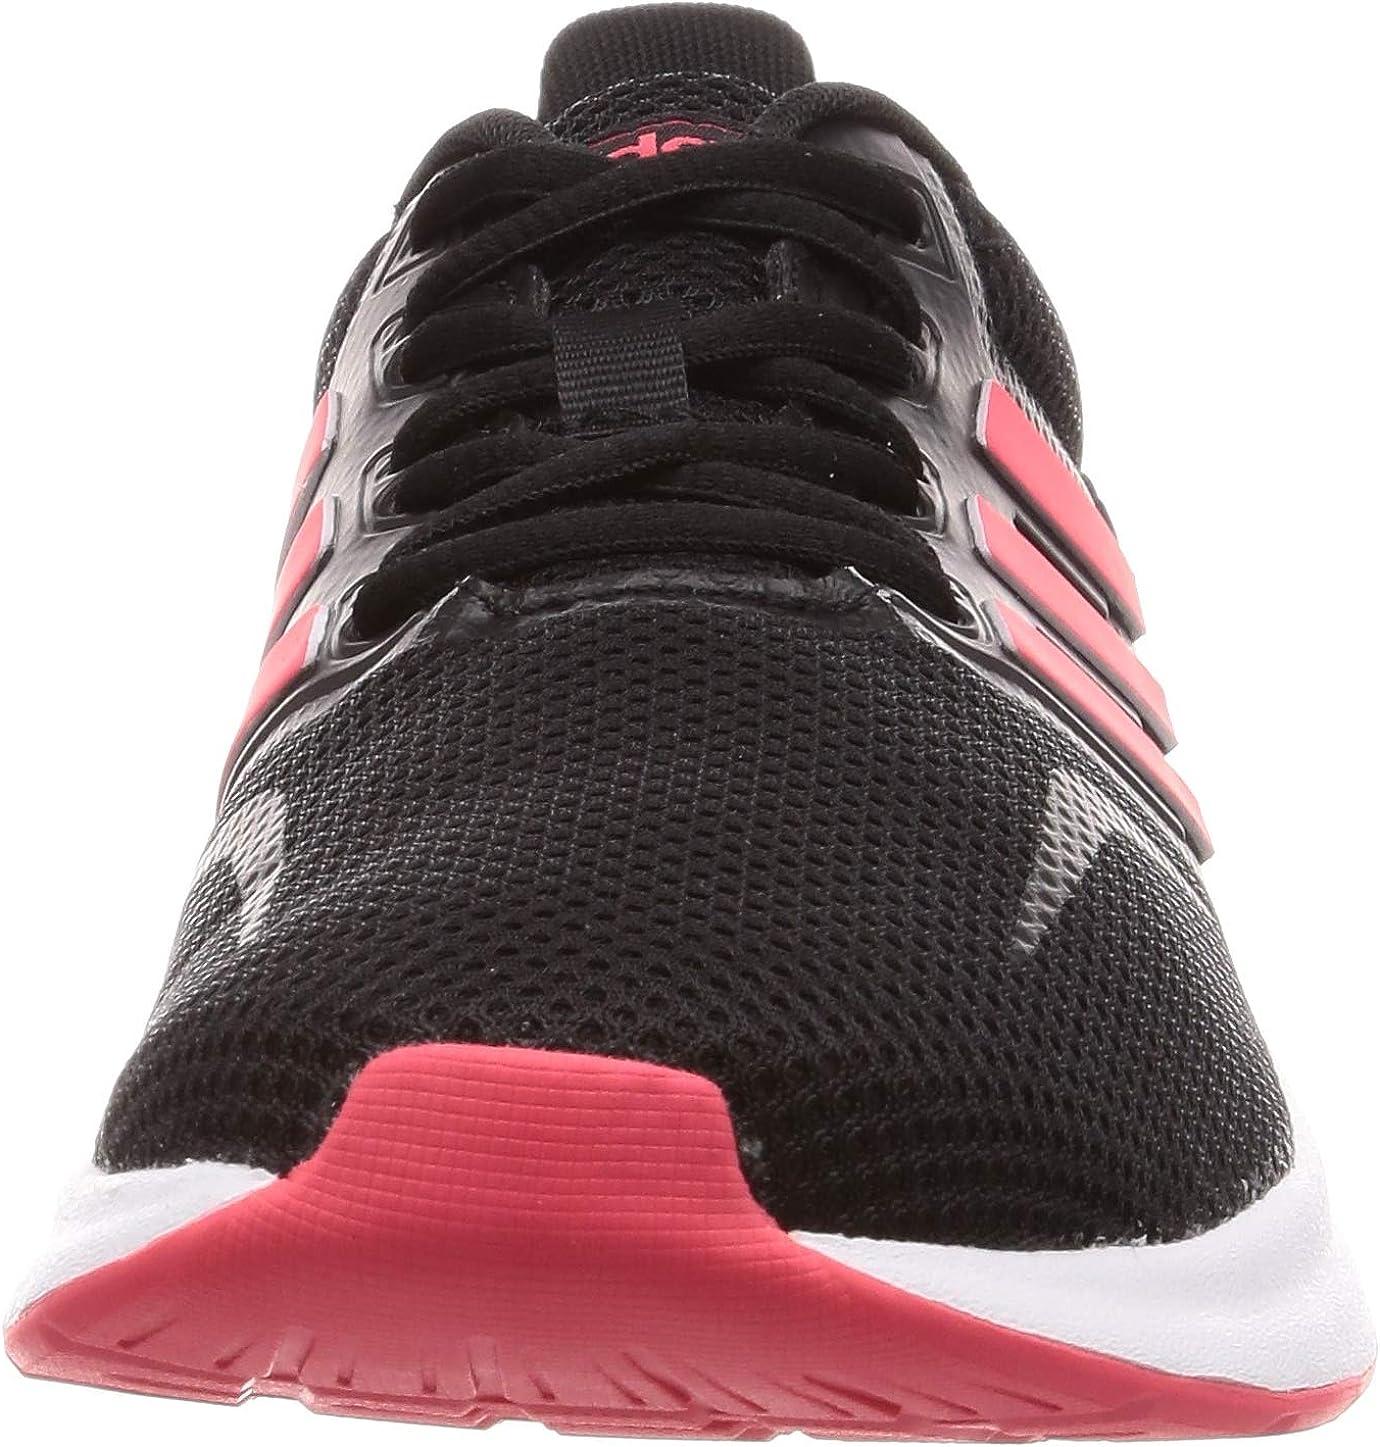 adidas Damen Runfalcon Traillaufschuhe Mehrfarbig (Negbás/Rojsho/Ftwbla 000)